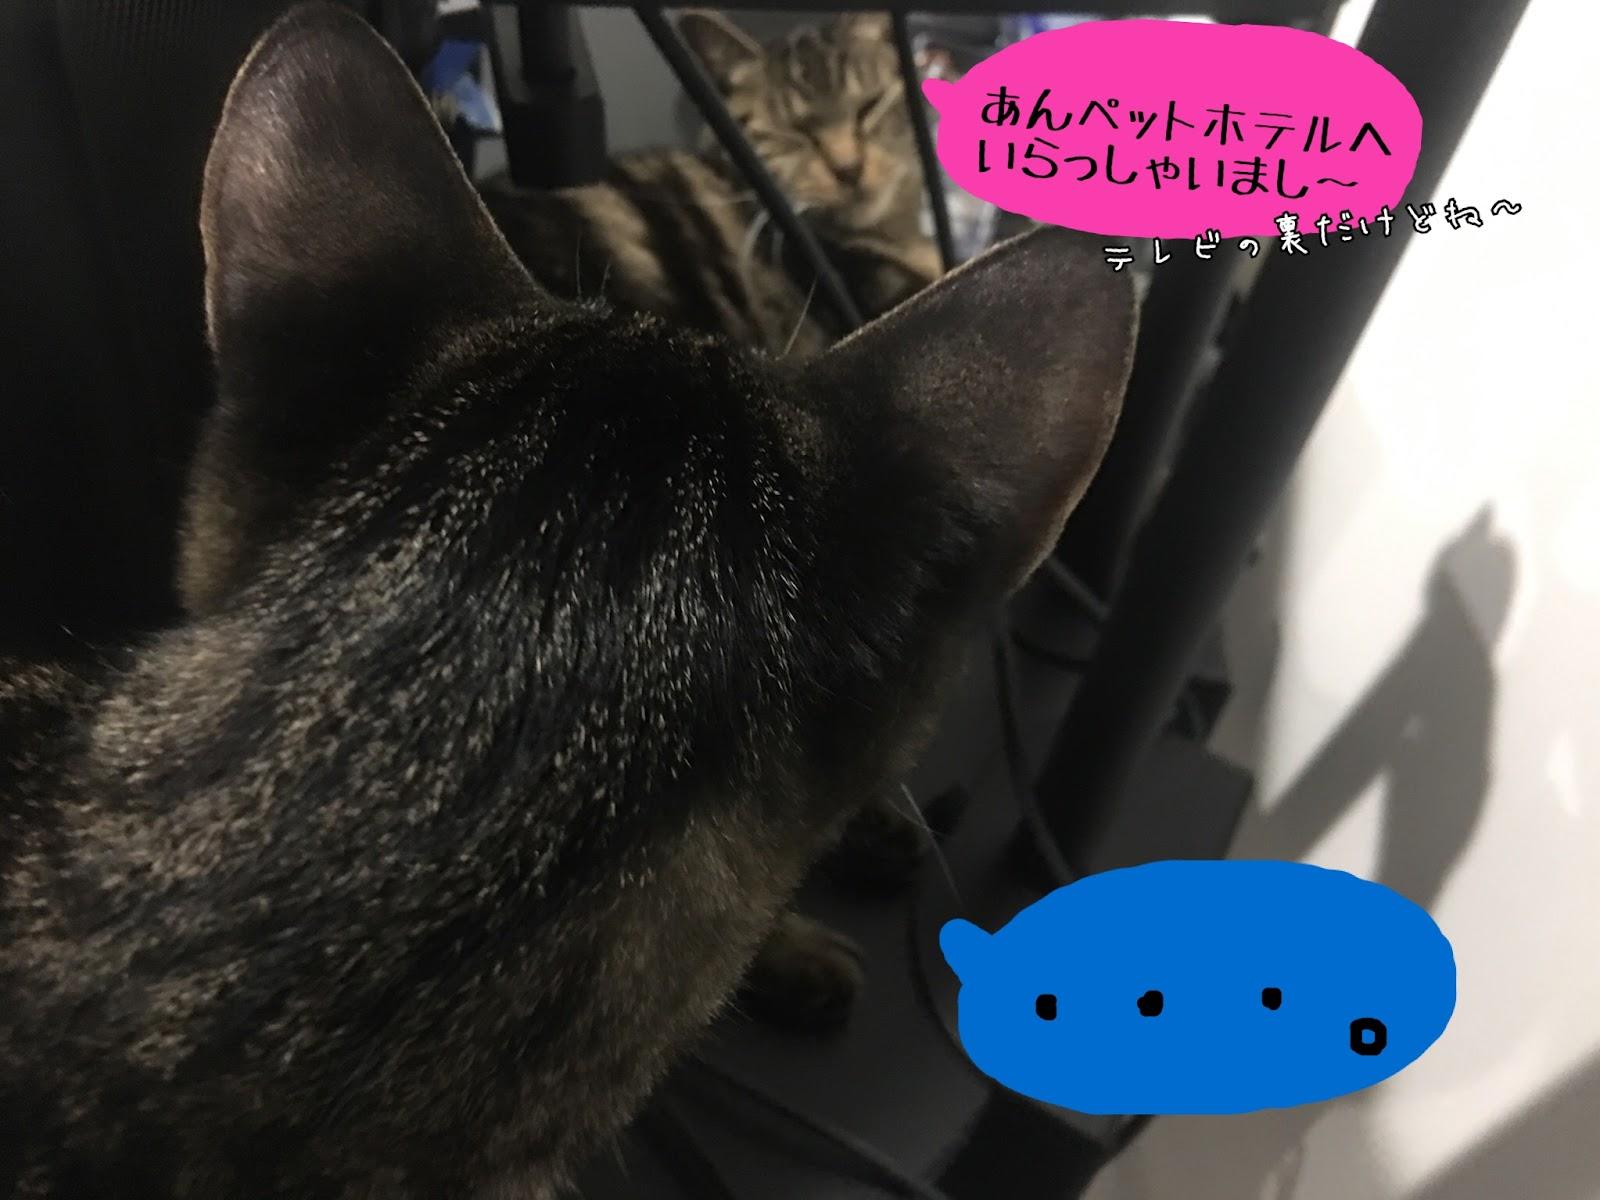 家を空けなければいけない時の飼い猫の預け先について